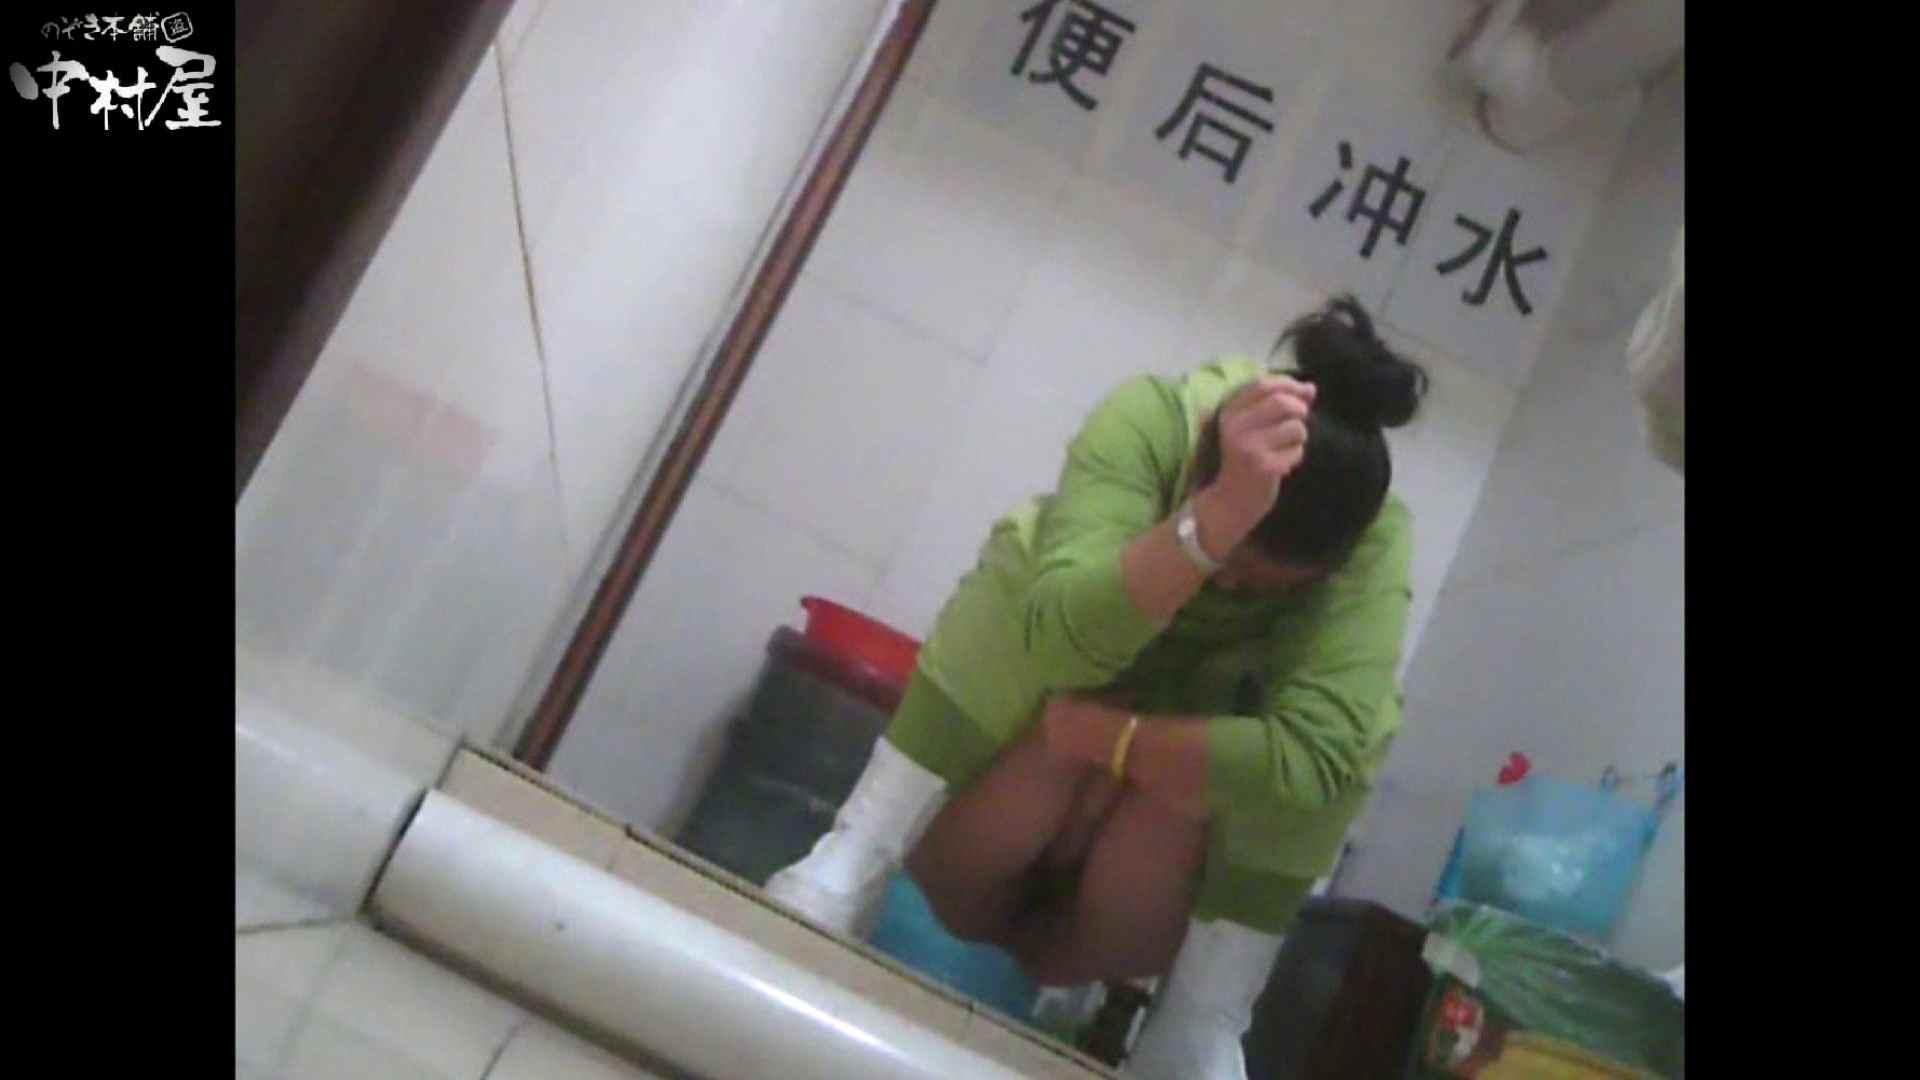 李さんの盗撮日記 Vol.04 トイレの中まで   エロいギャル 盗撮 9枚 5